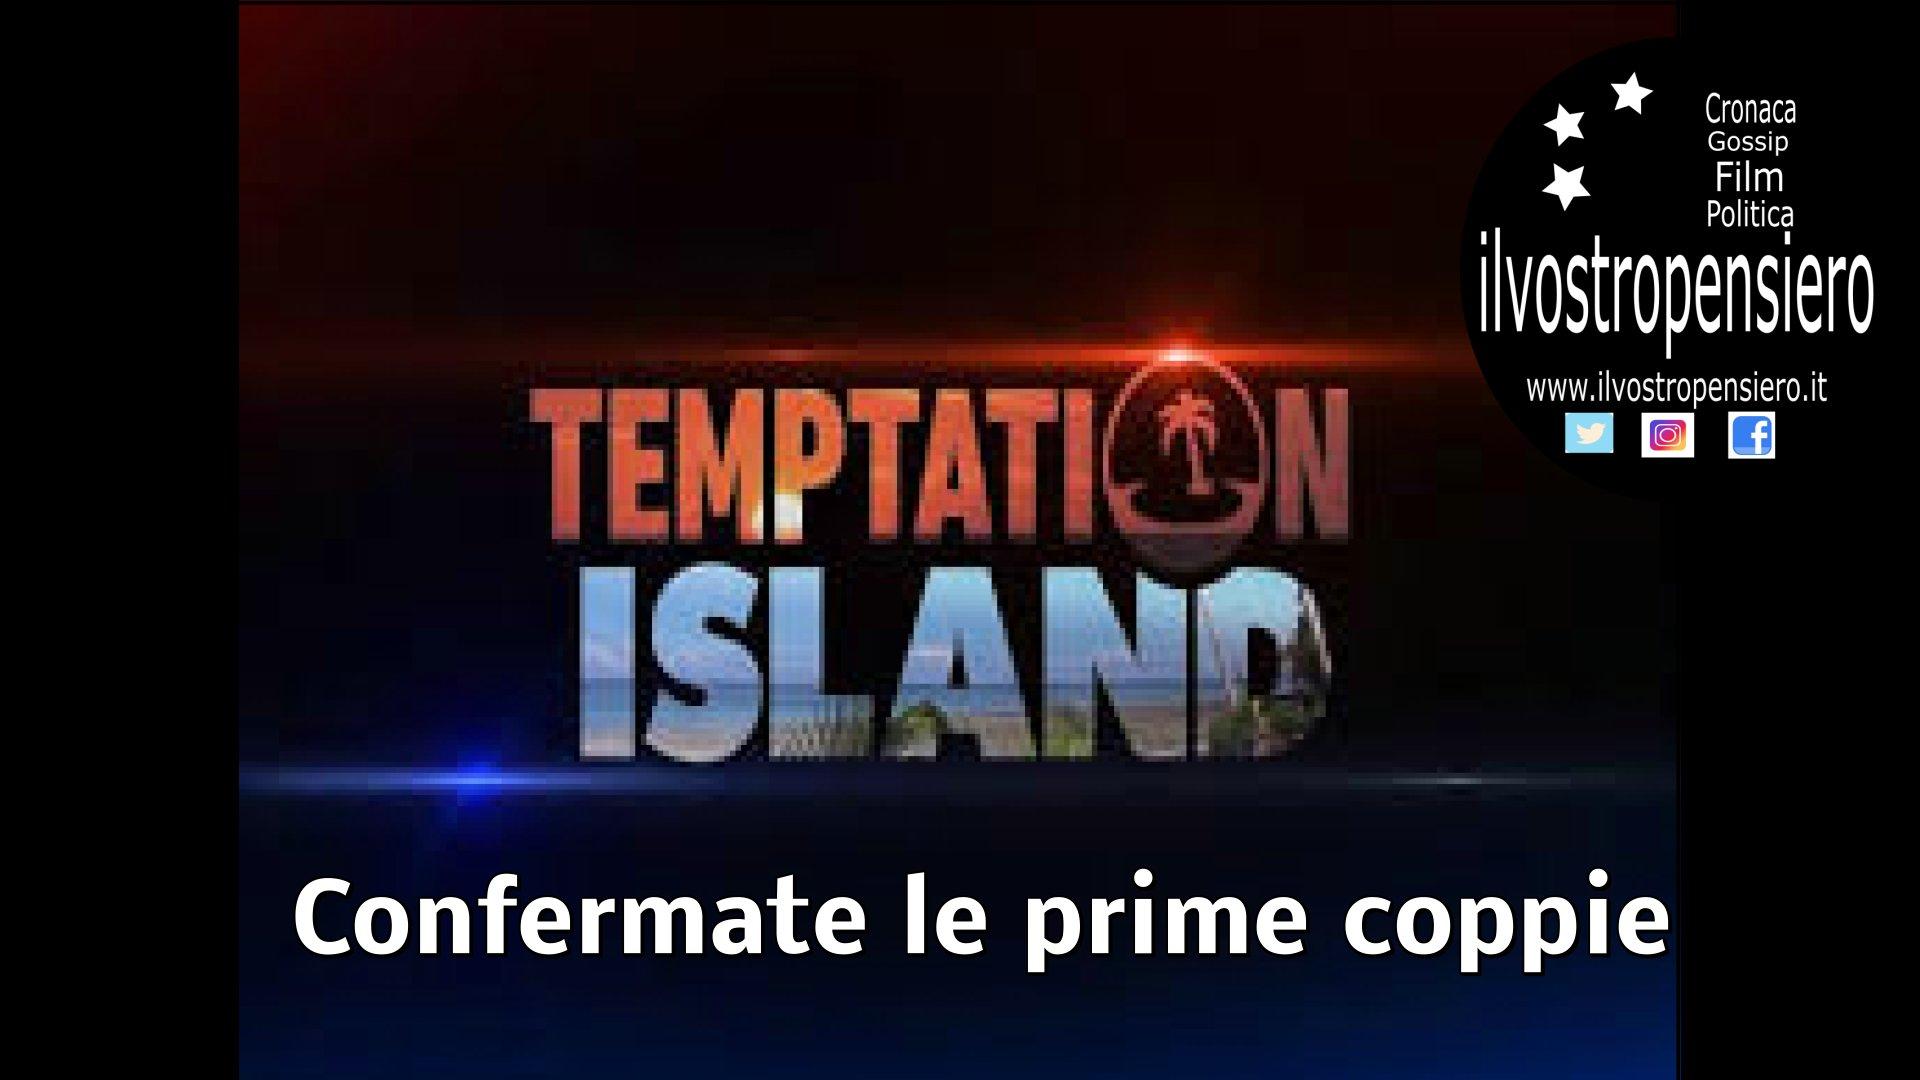 Temptation island: arrivano la conferma delle prime coppie!!